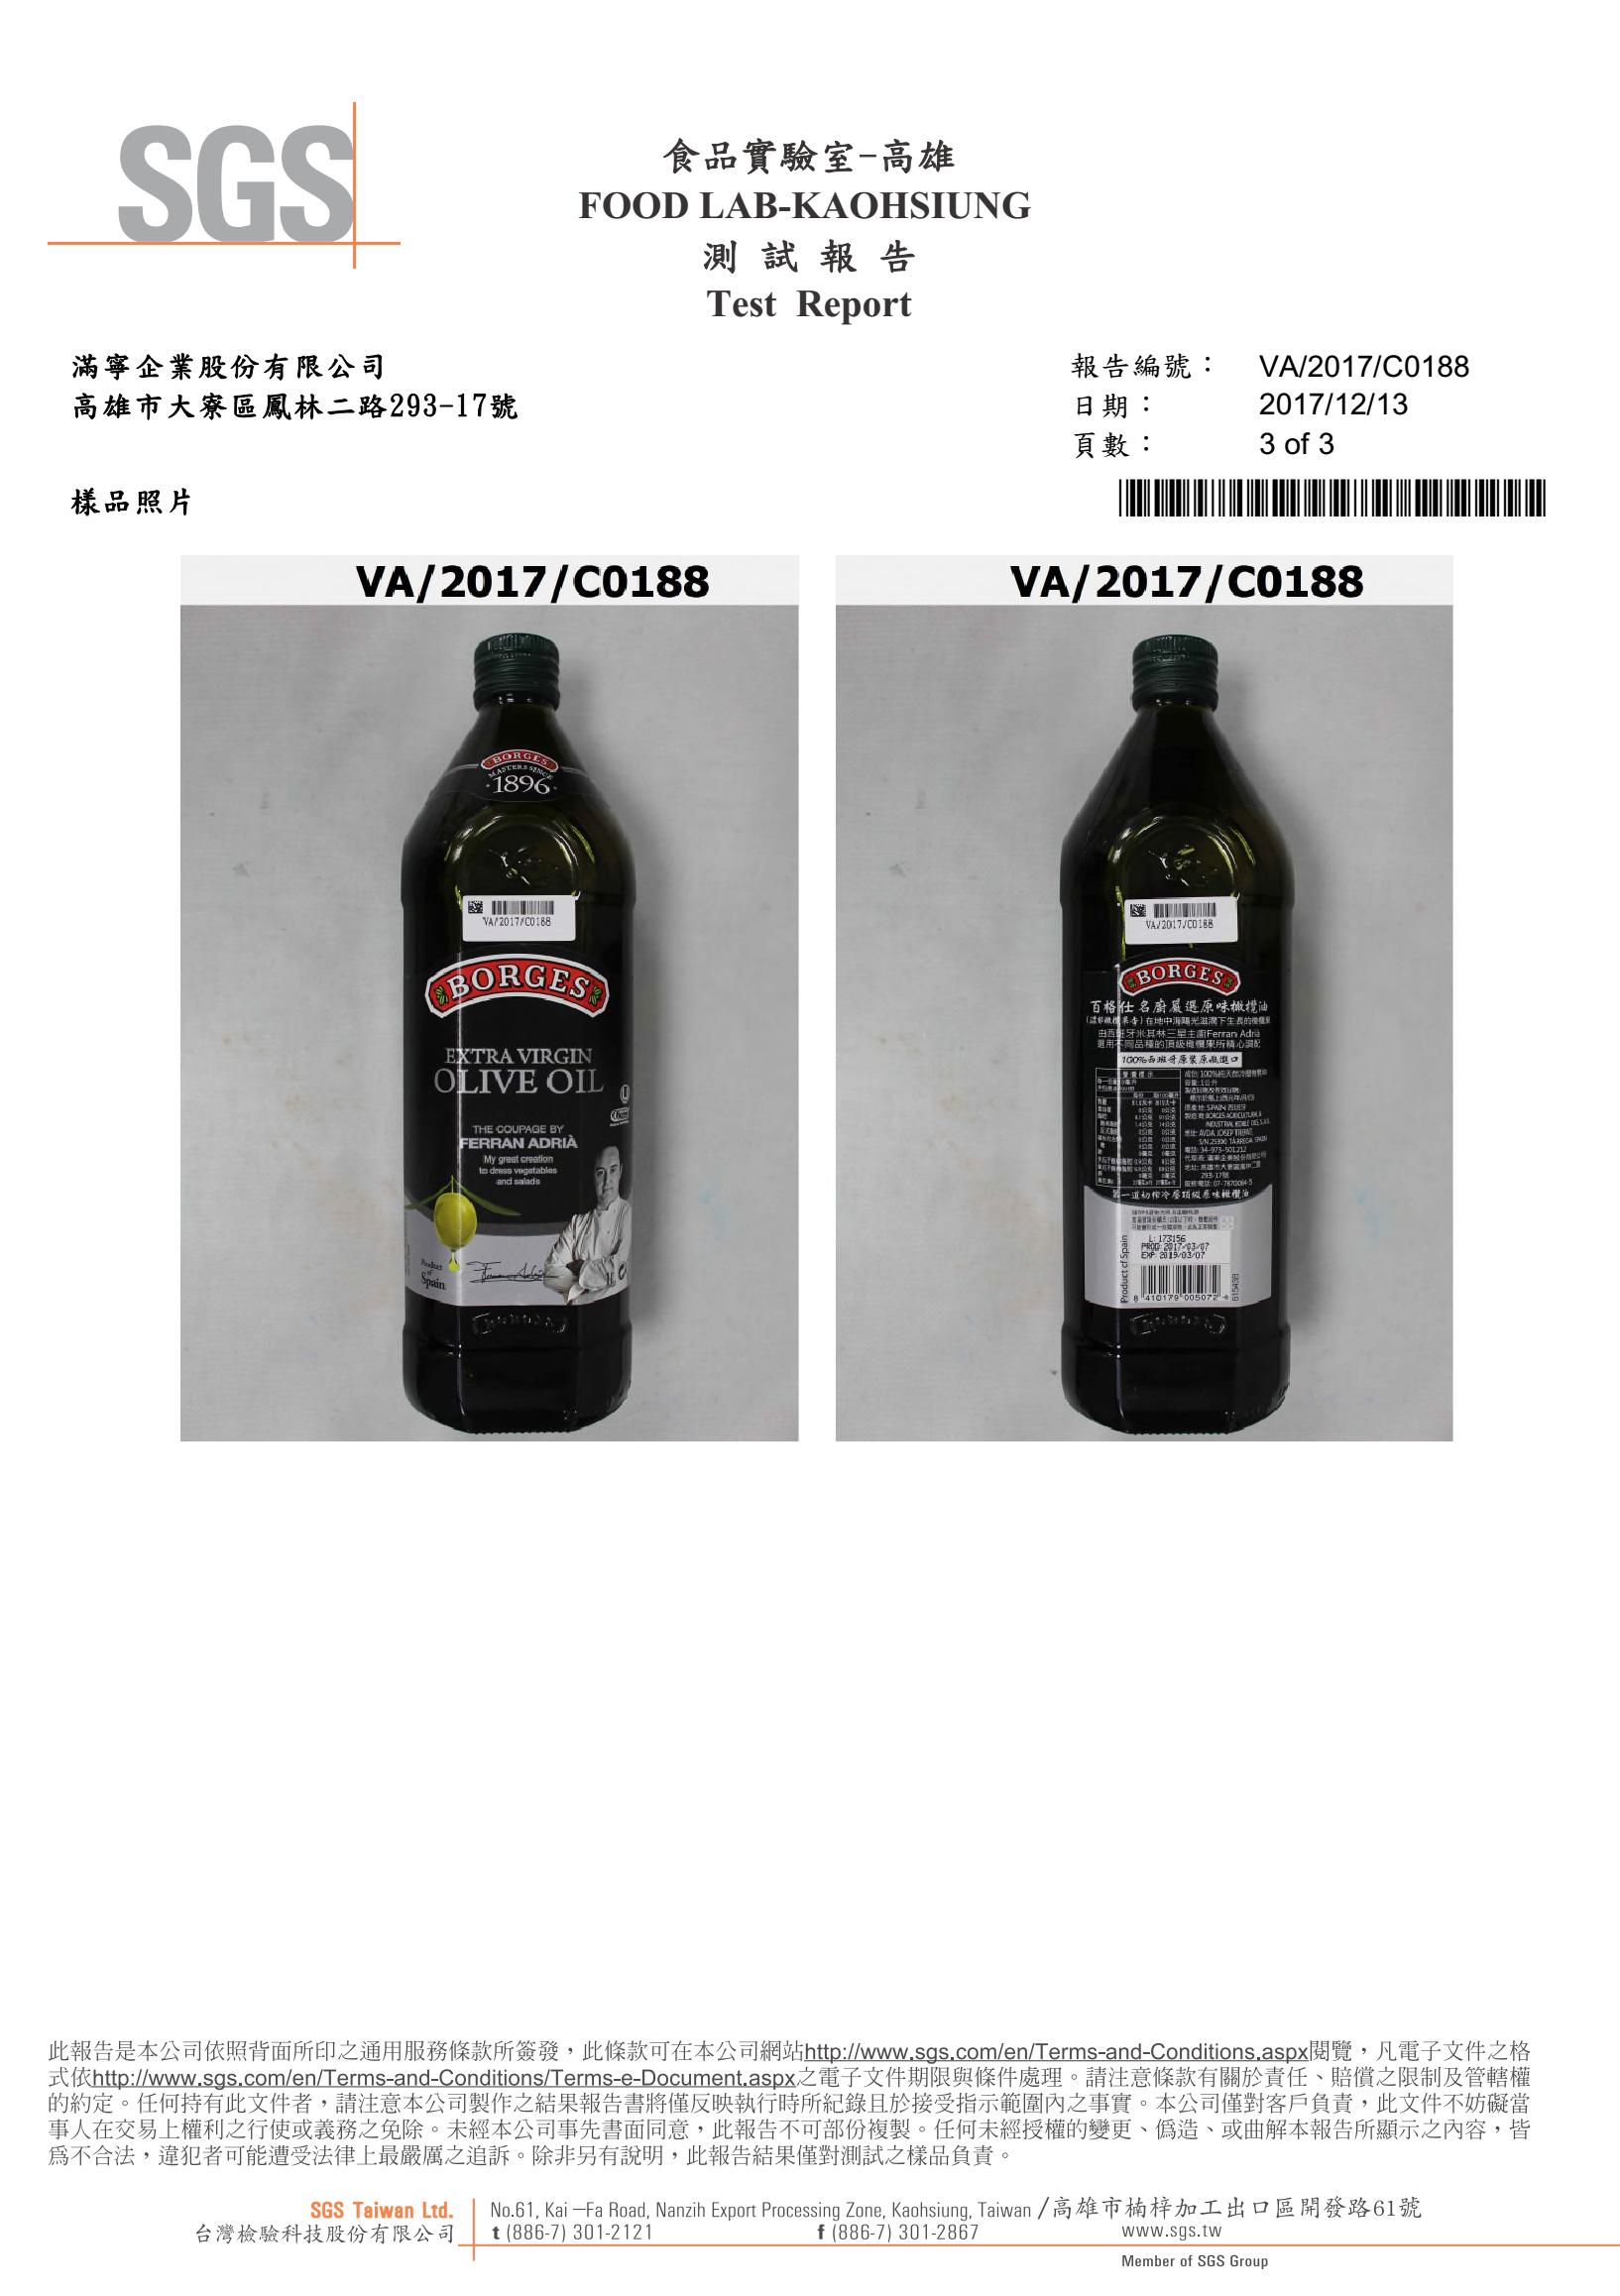 百格仕名廚嚴選橄欖油,經SGS檢驗合格